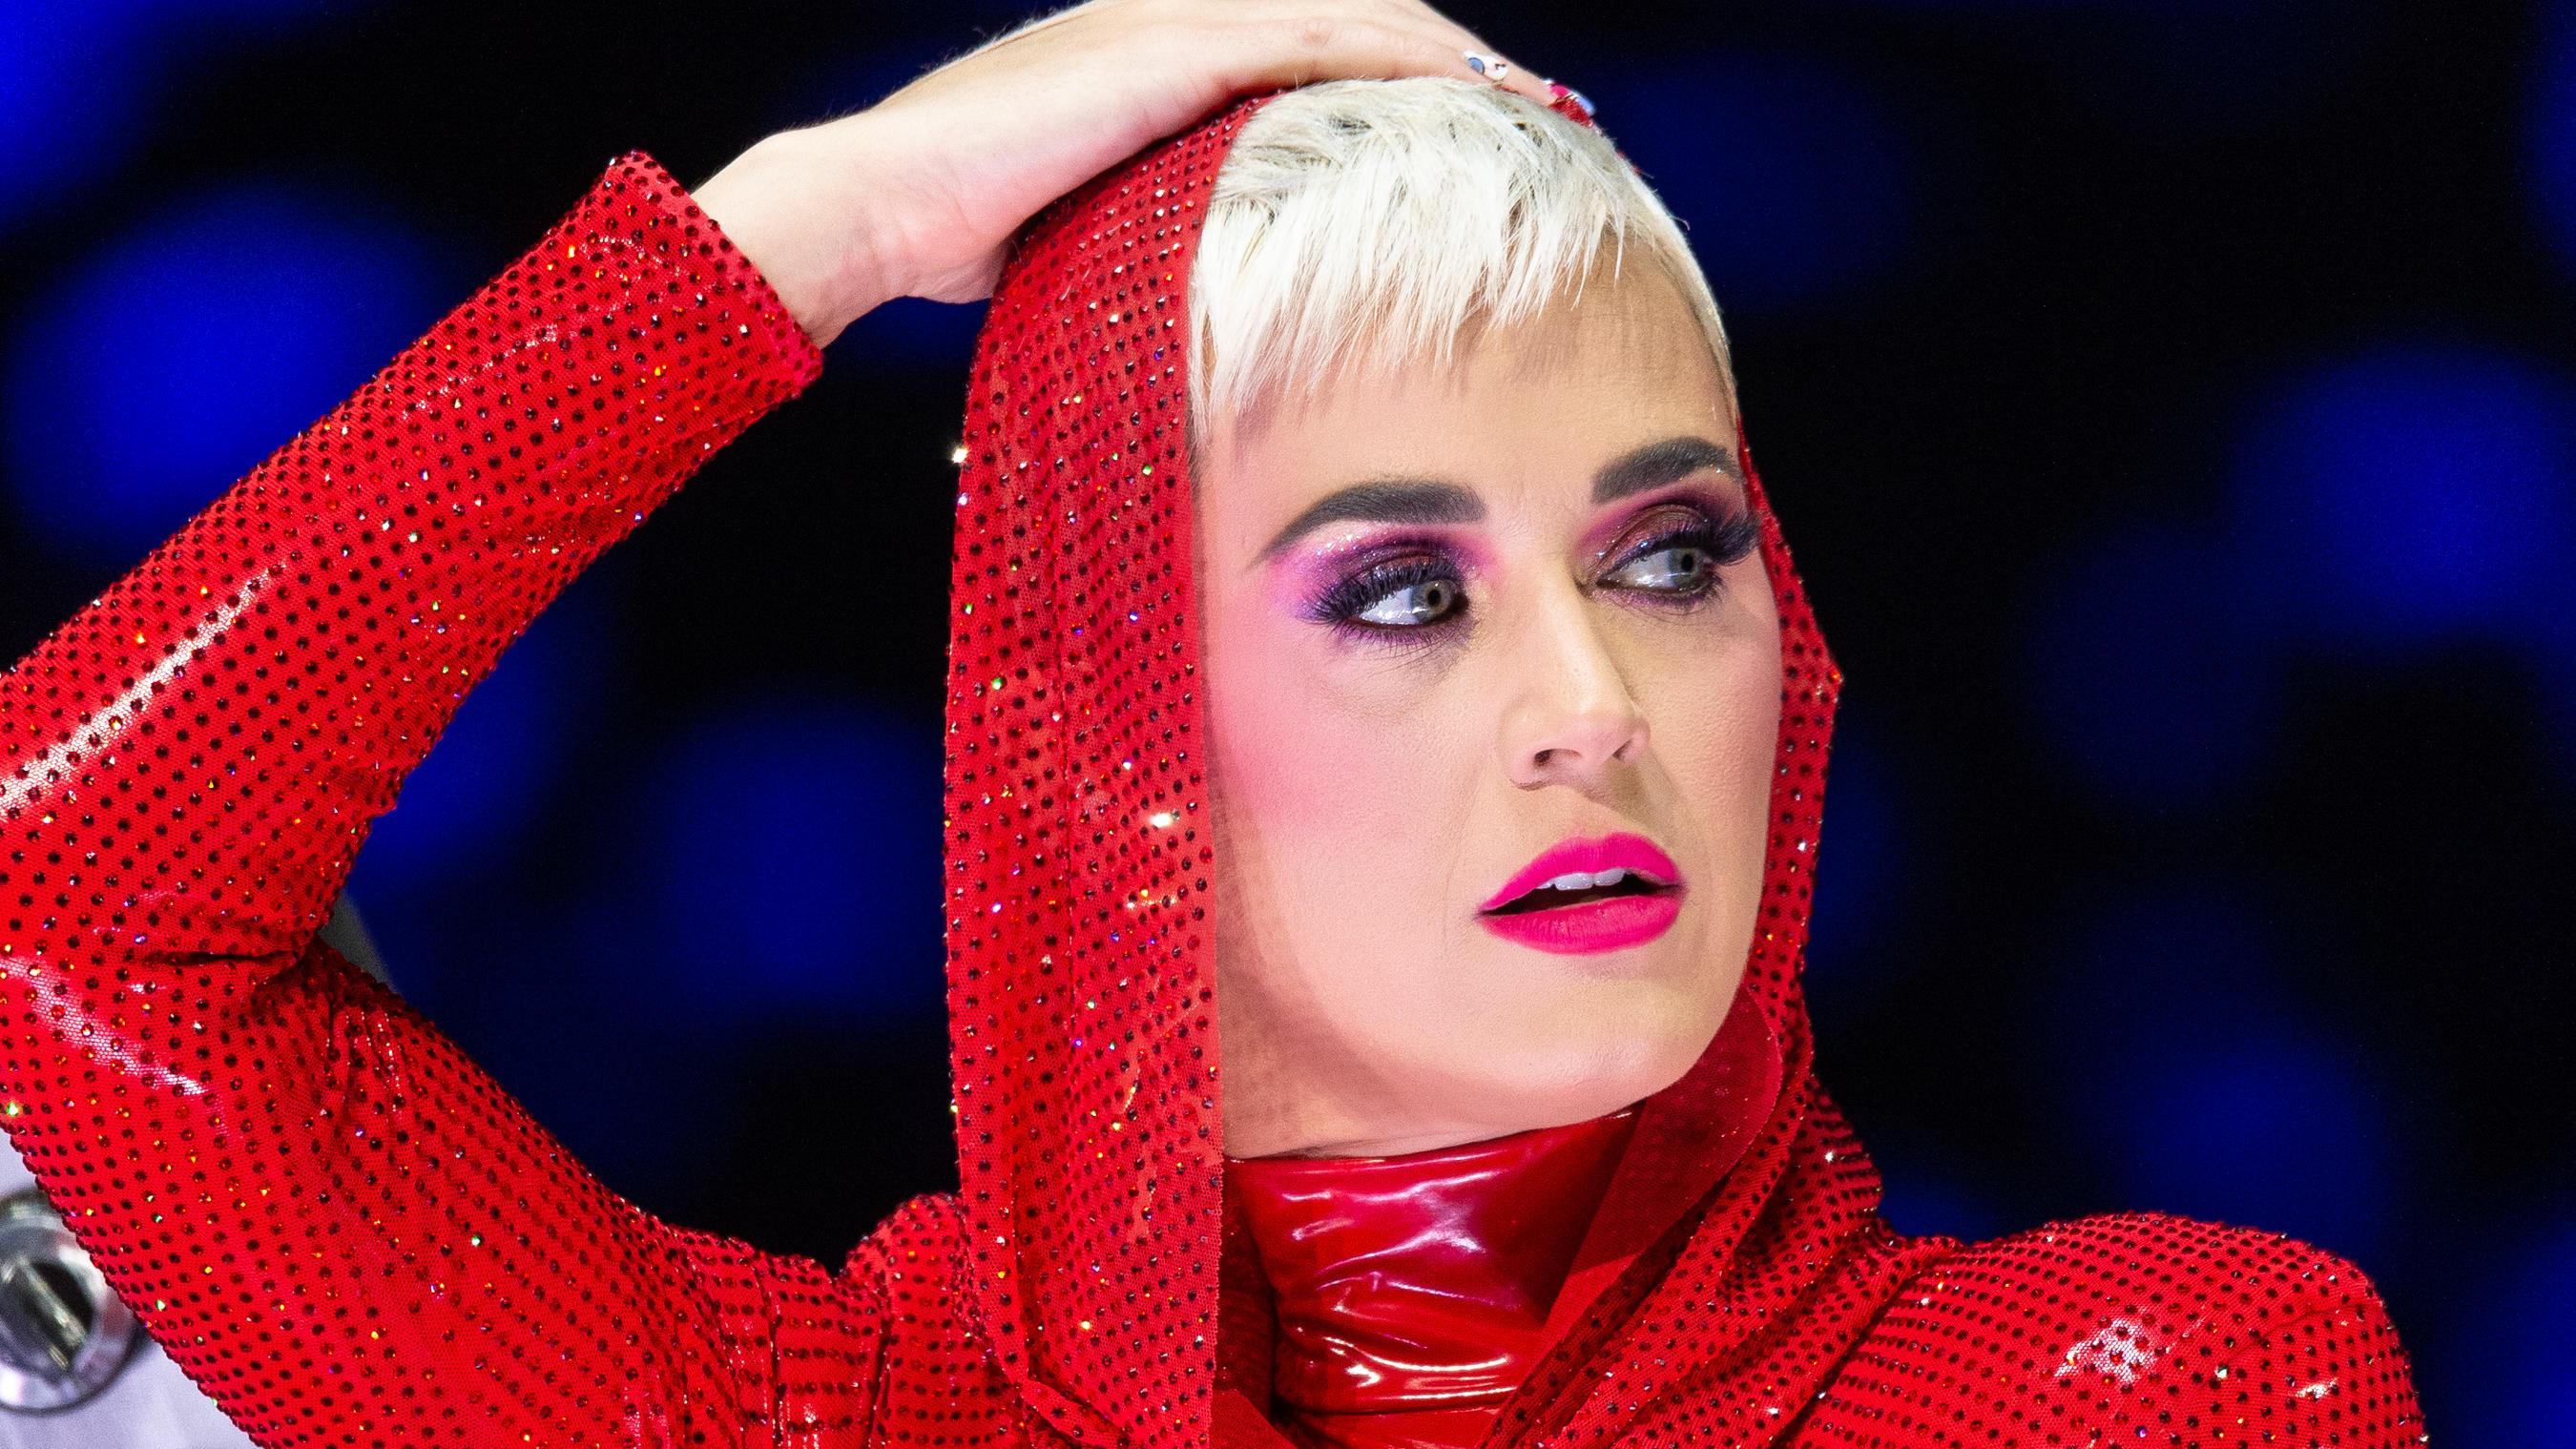 Katy Perry: Schauspieler erhebt schwere Belästigungsvorwürfe